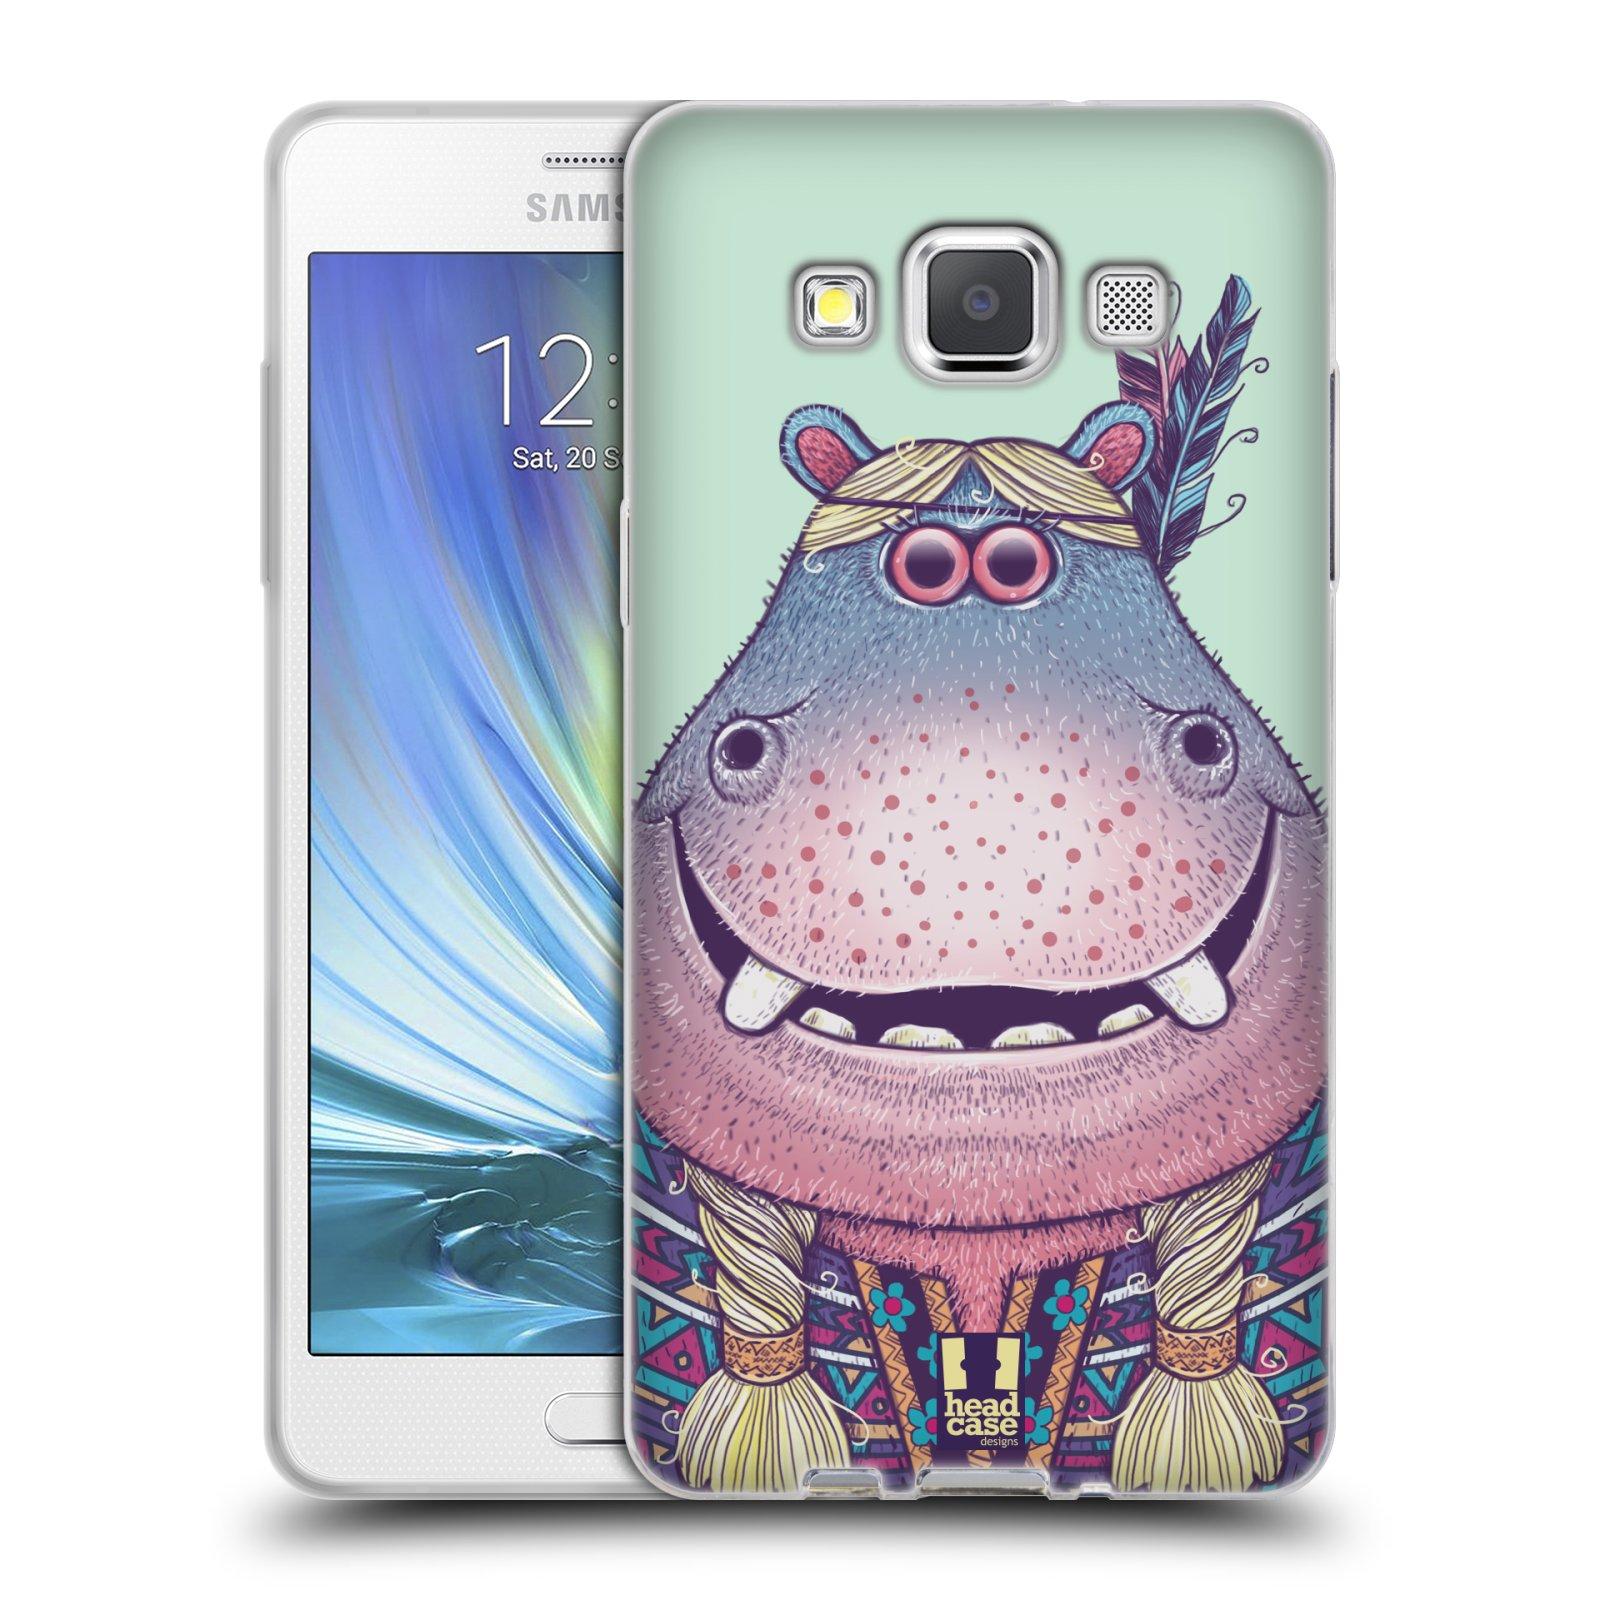 HEAD CASE silikonový obal na mobil Samsung Galaxy A5 vzor Kreslená zvířátka hroch